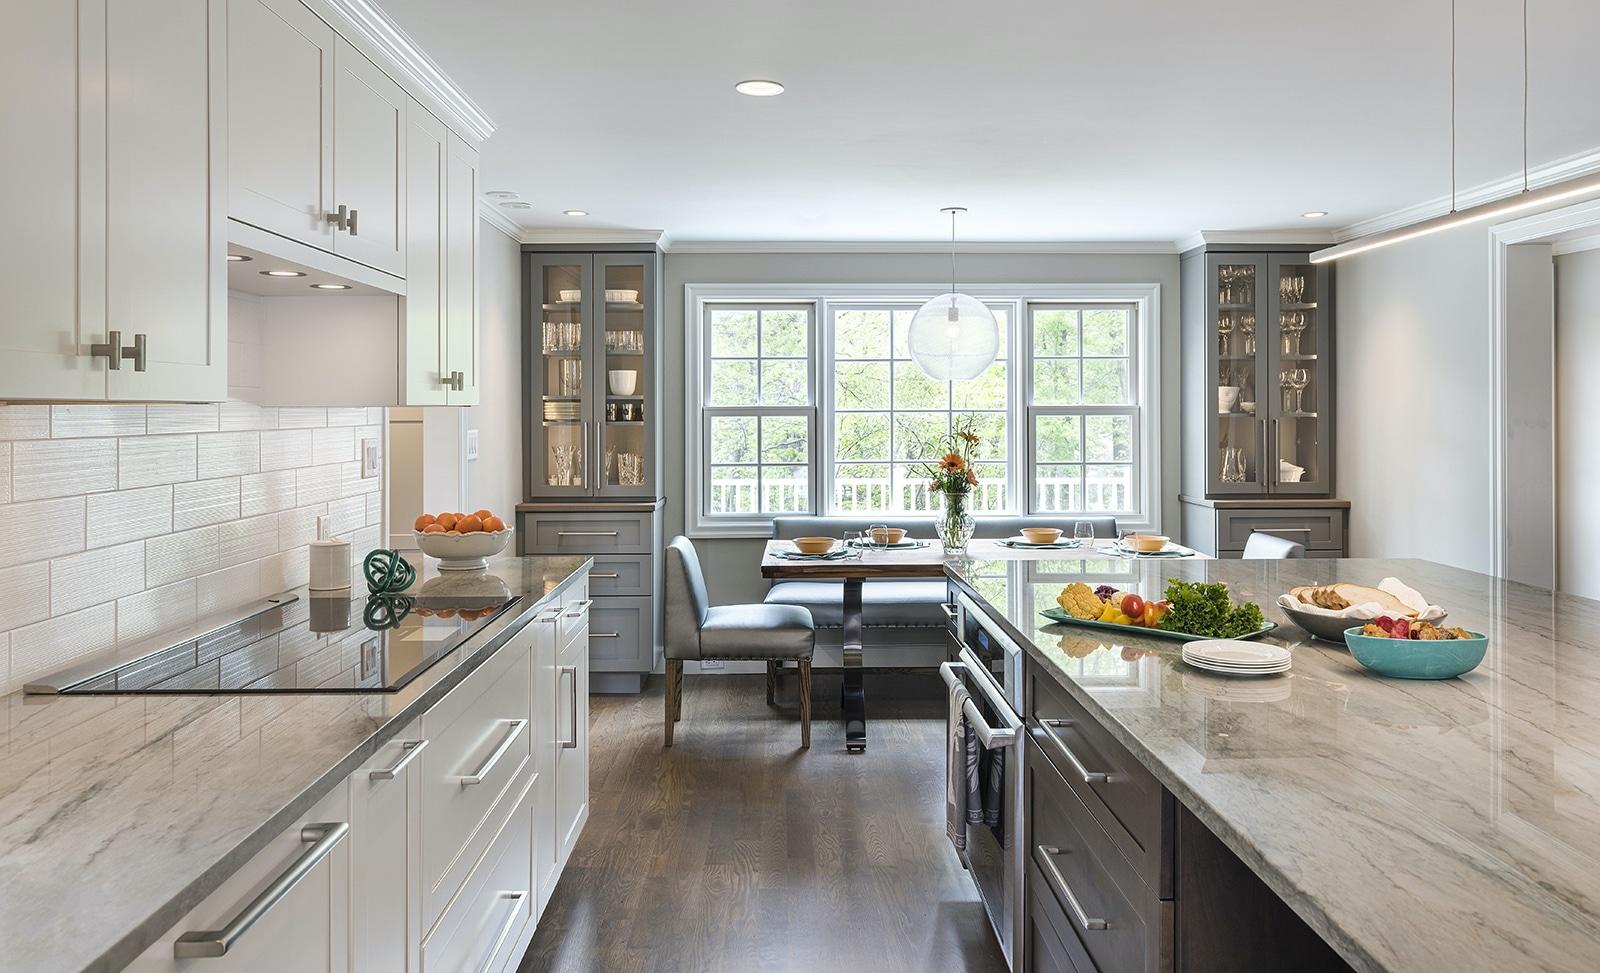 Best Kitchen Cabinet Brands in 2020 | Insider Tips ...